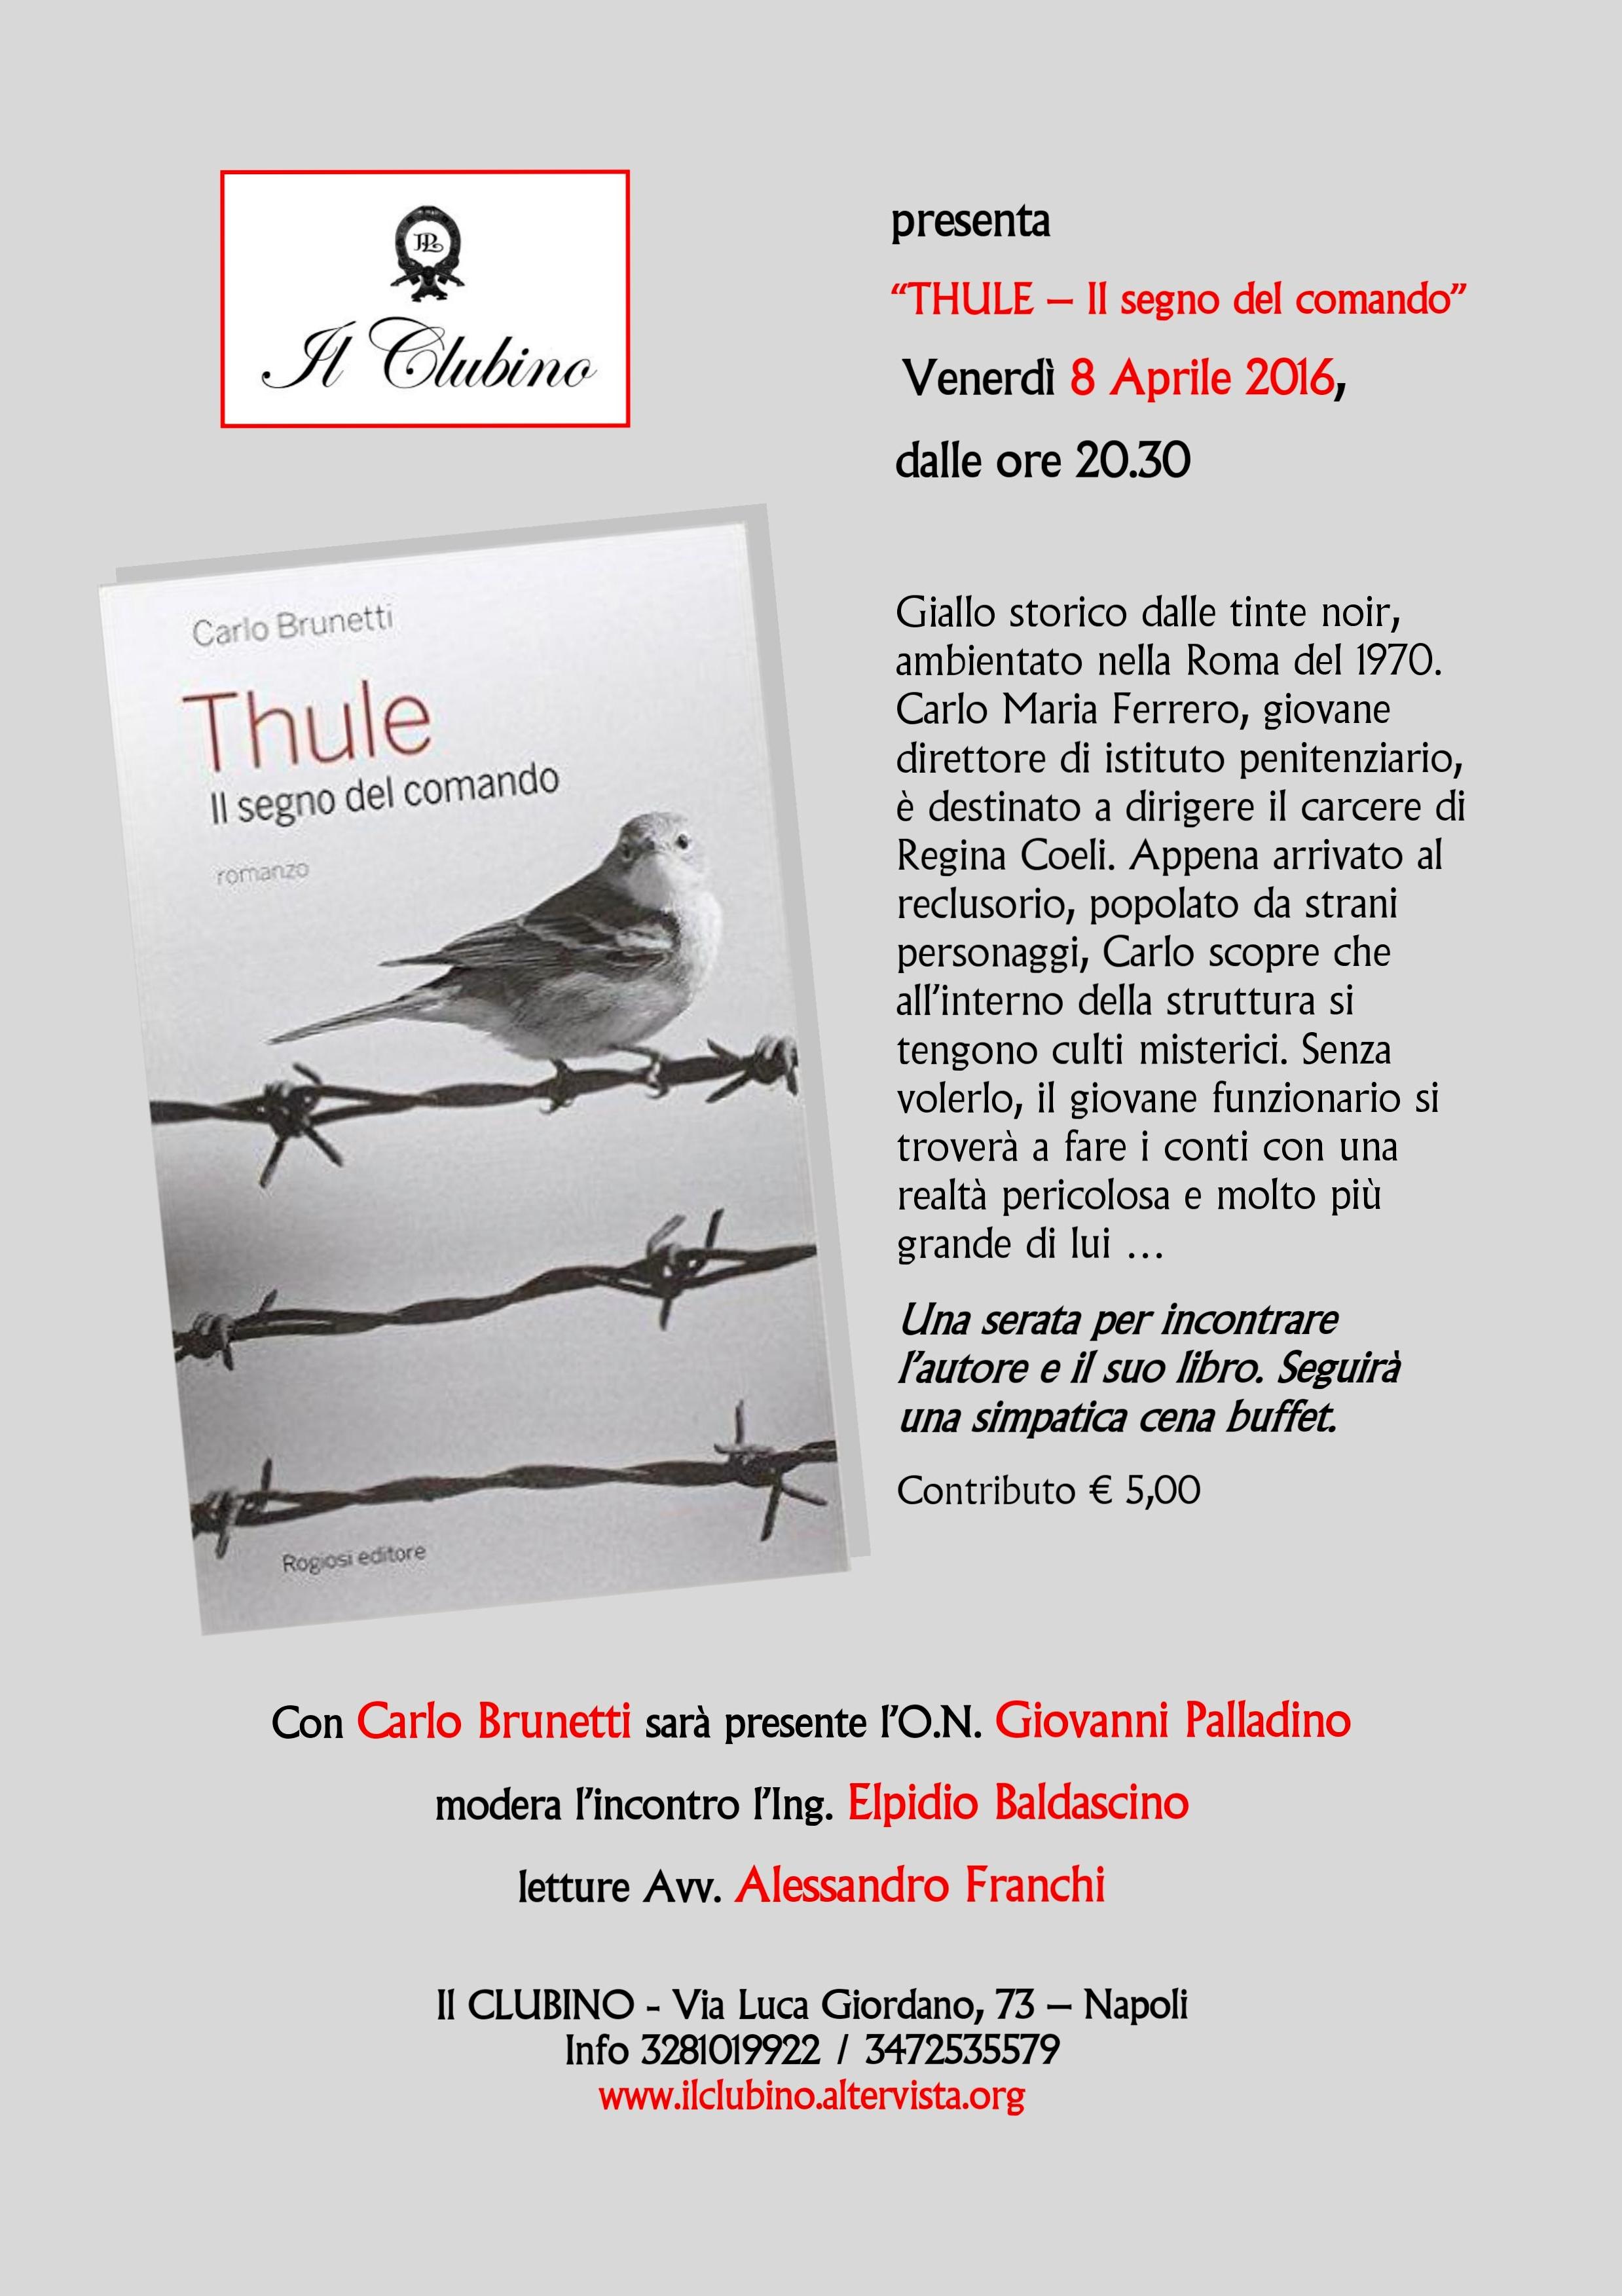 Locandina Thule - Il segno del comando (3)